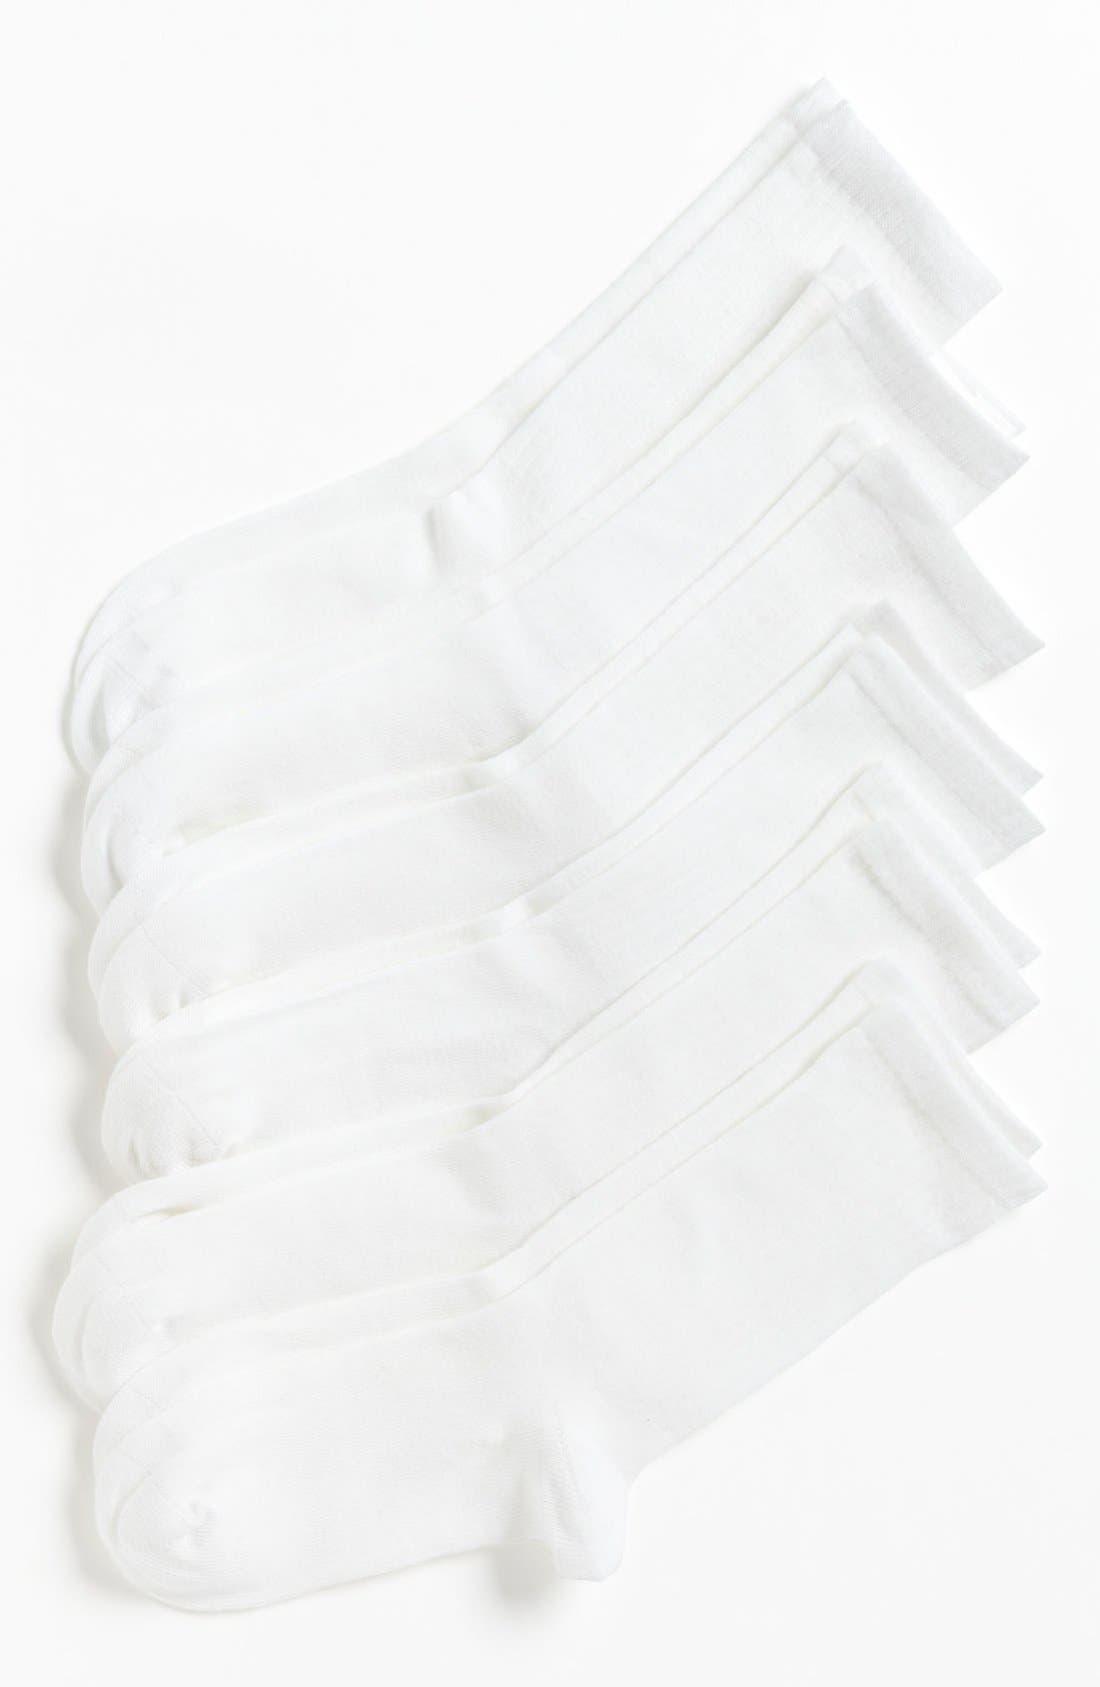 Main Image - Nordstrom Crew Socks (6-Pack) (Toddler, Little Boys & Big Boys)